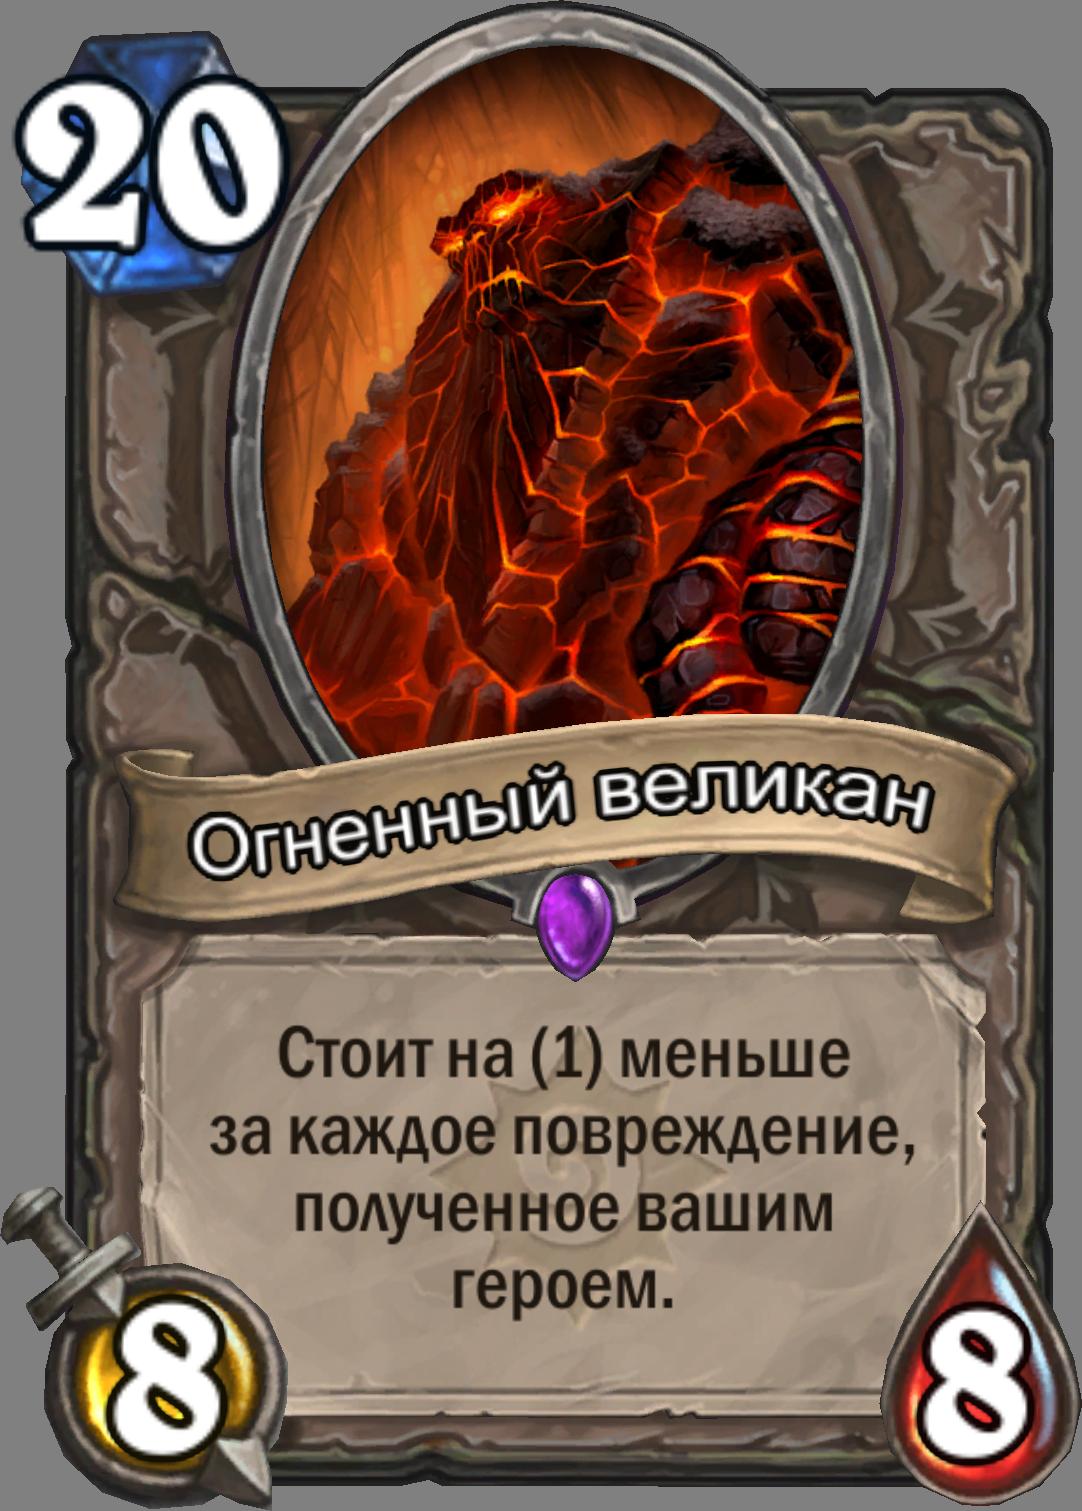 Огненный великан